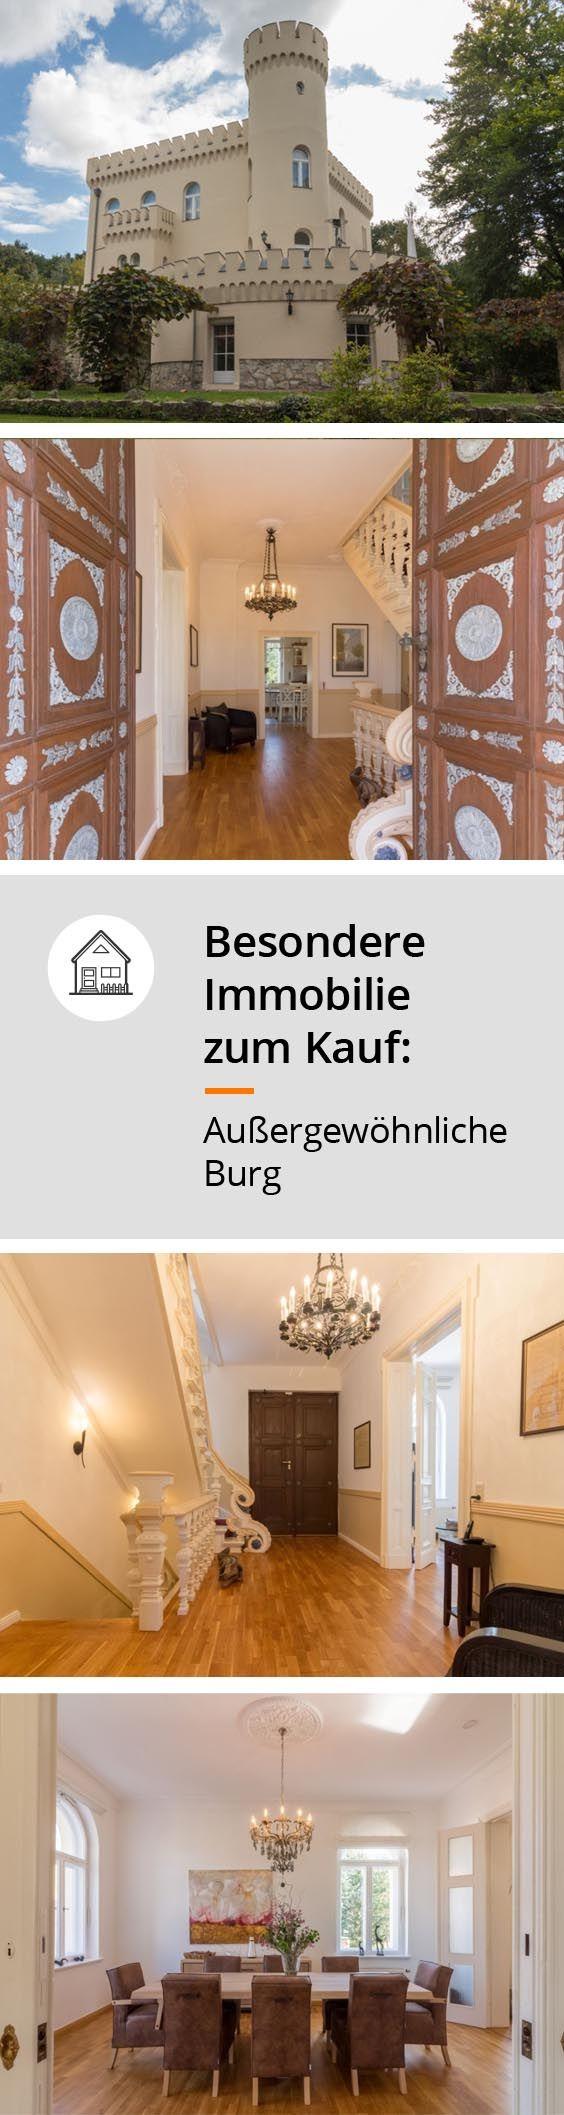 Exklusives Wohnen In Außergewöhnlicher Burg Haus Gartenhaus Immobilien